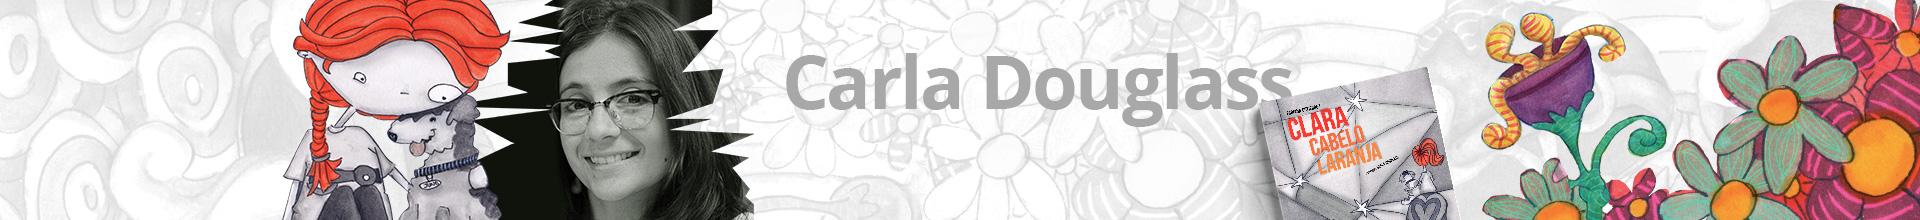 Carla Douglass